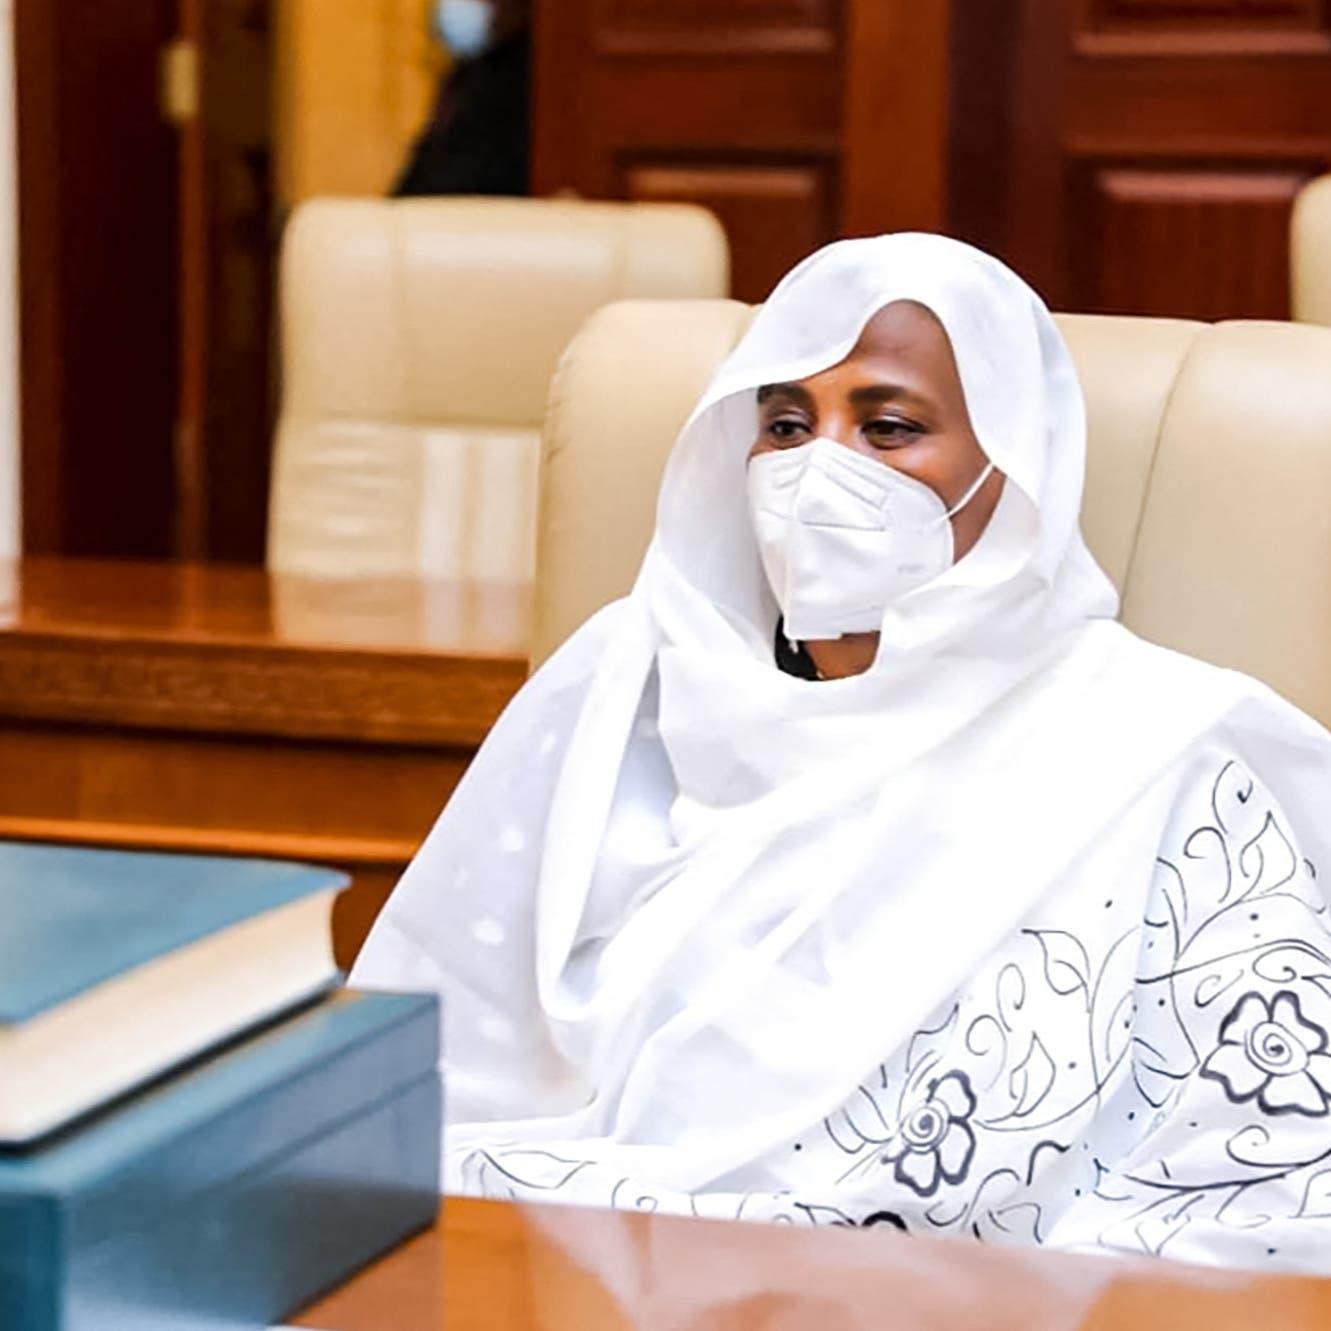 السودان: تعنت إثيوبيا أفشل كل مبادرات حل سد النهضة